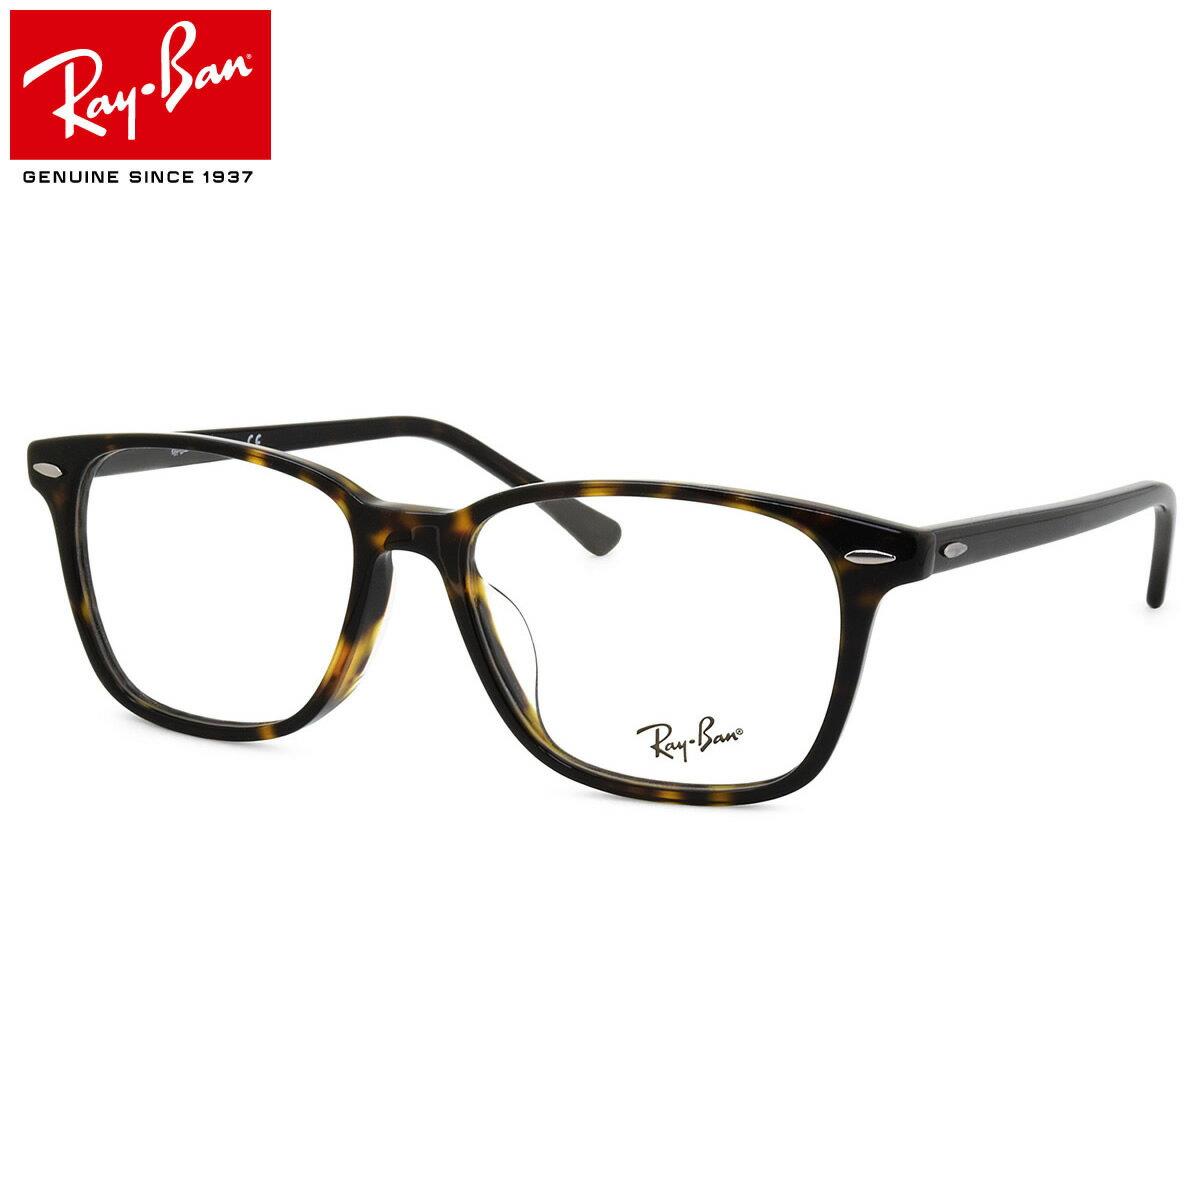 Ray-Ban レイバン メガネRX7119F 2012 55サイズHIGHSTREET ハイストリート スクエア フルフィットレイバン RayBan メンズ レディース